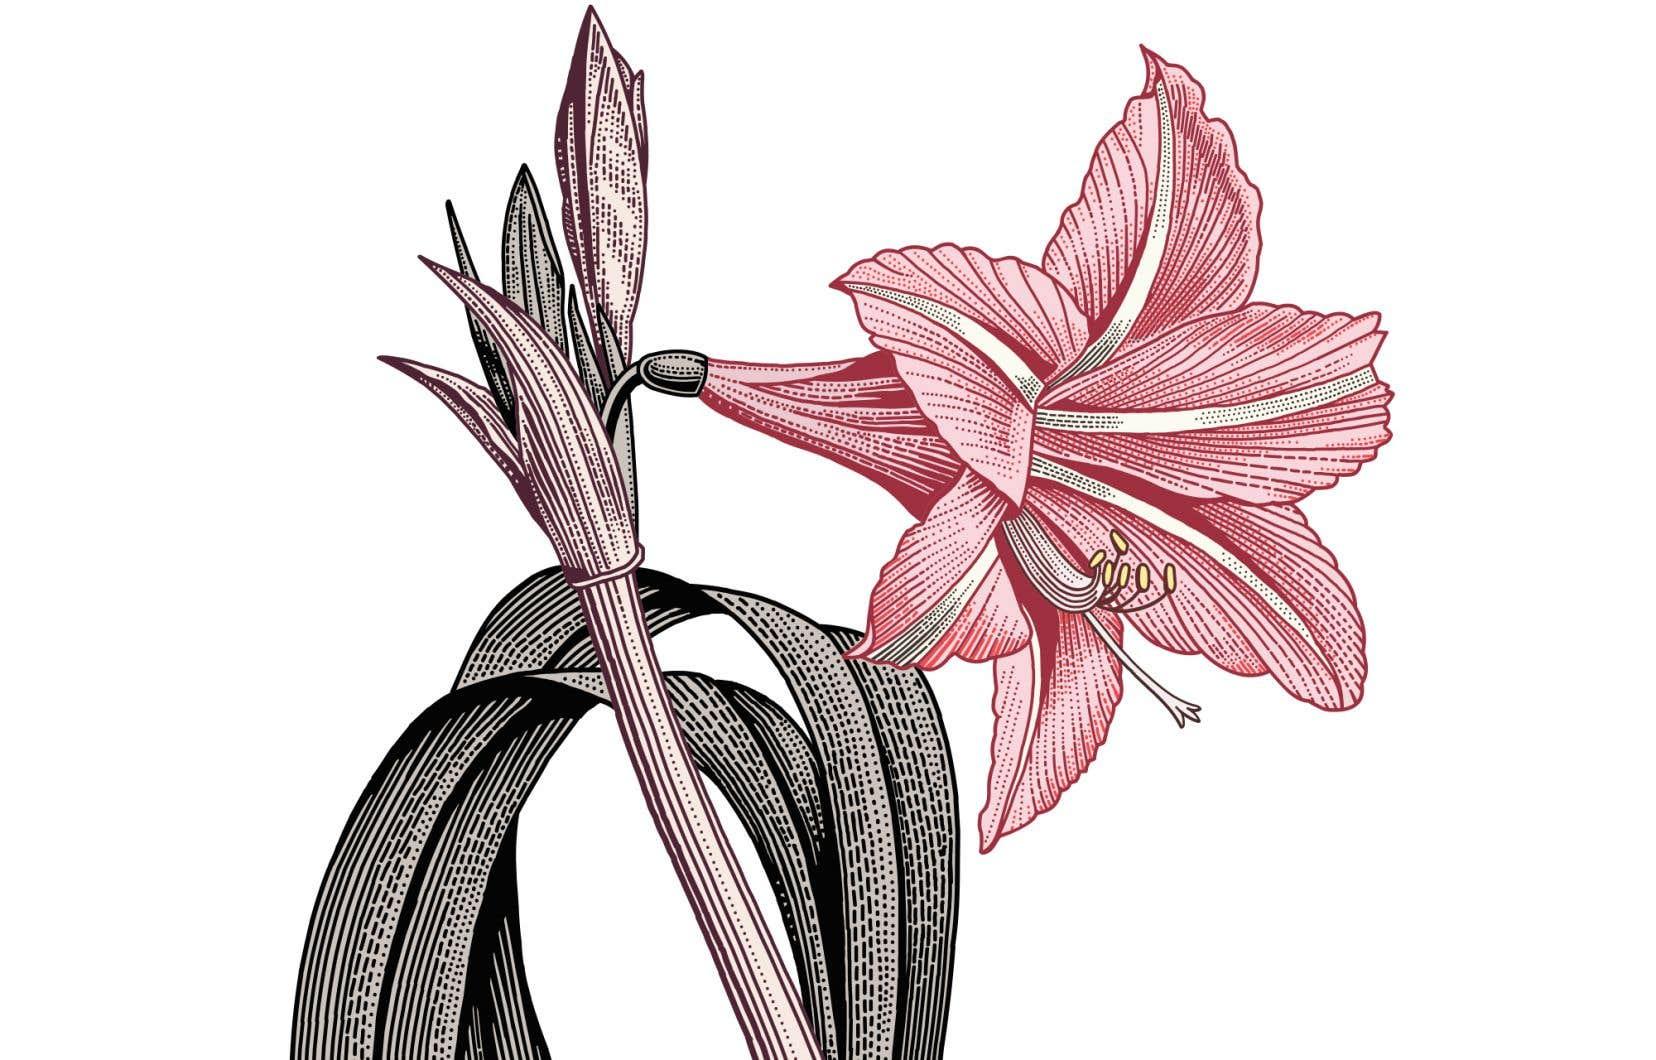 Avec ses longues tiges surmontées d'énormes fleurs en forme de trompette, l'amaryllis donne instantanément un air de fête à la maison.